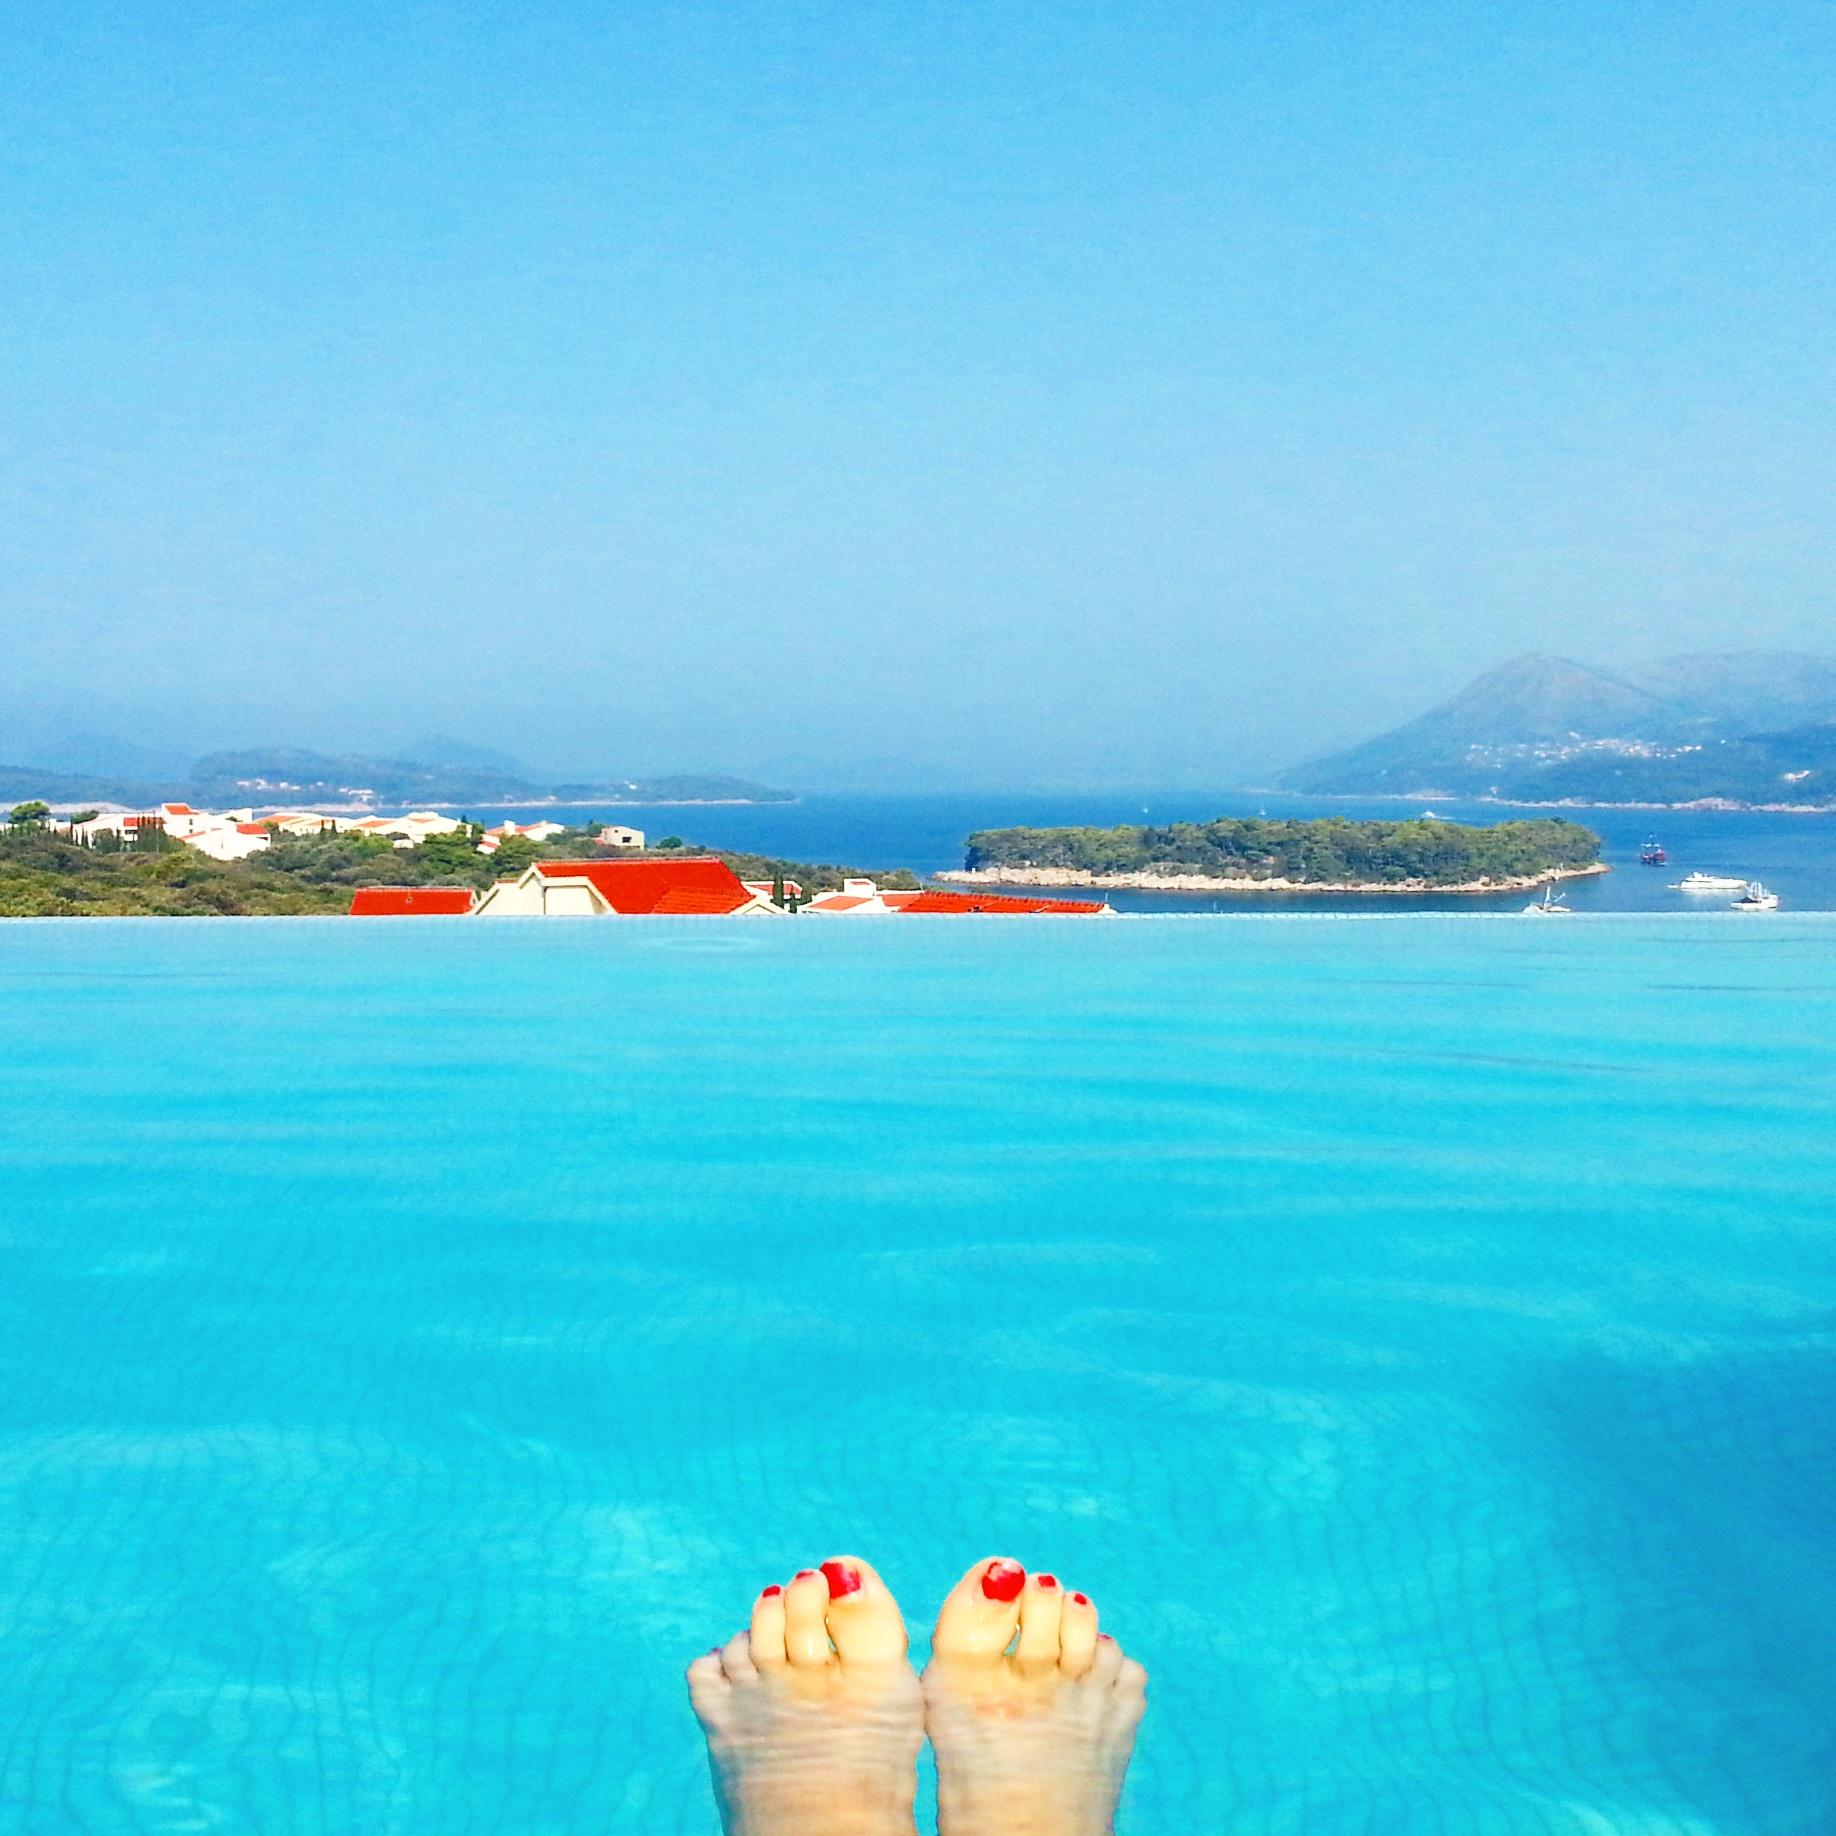 Rentoutuminen uima-altaalla on melkoisen harvinaista herkkua reissuilla